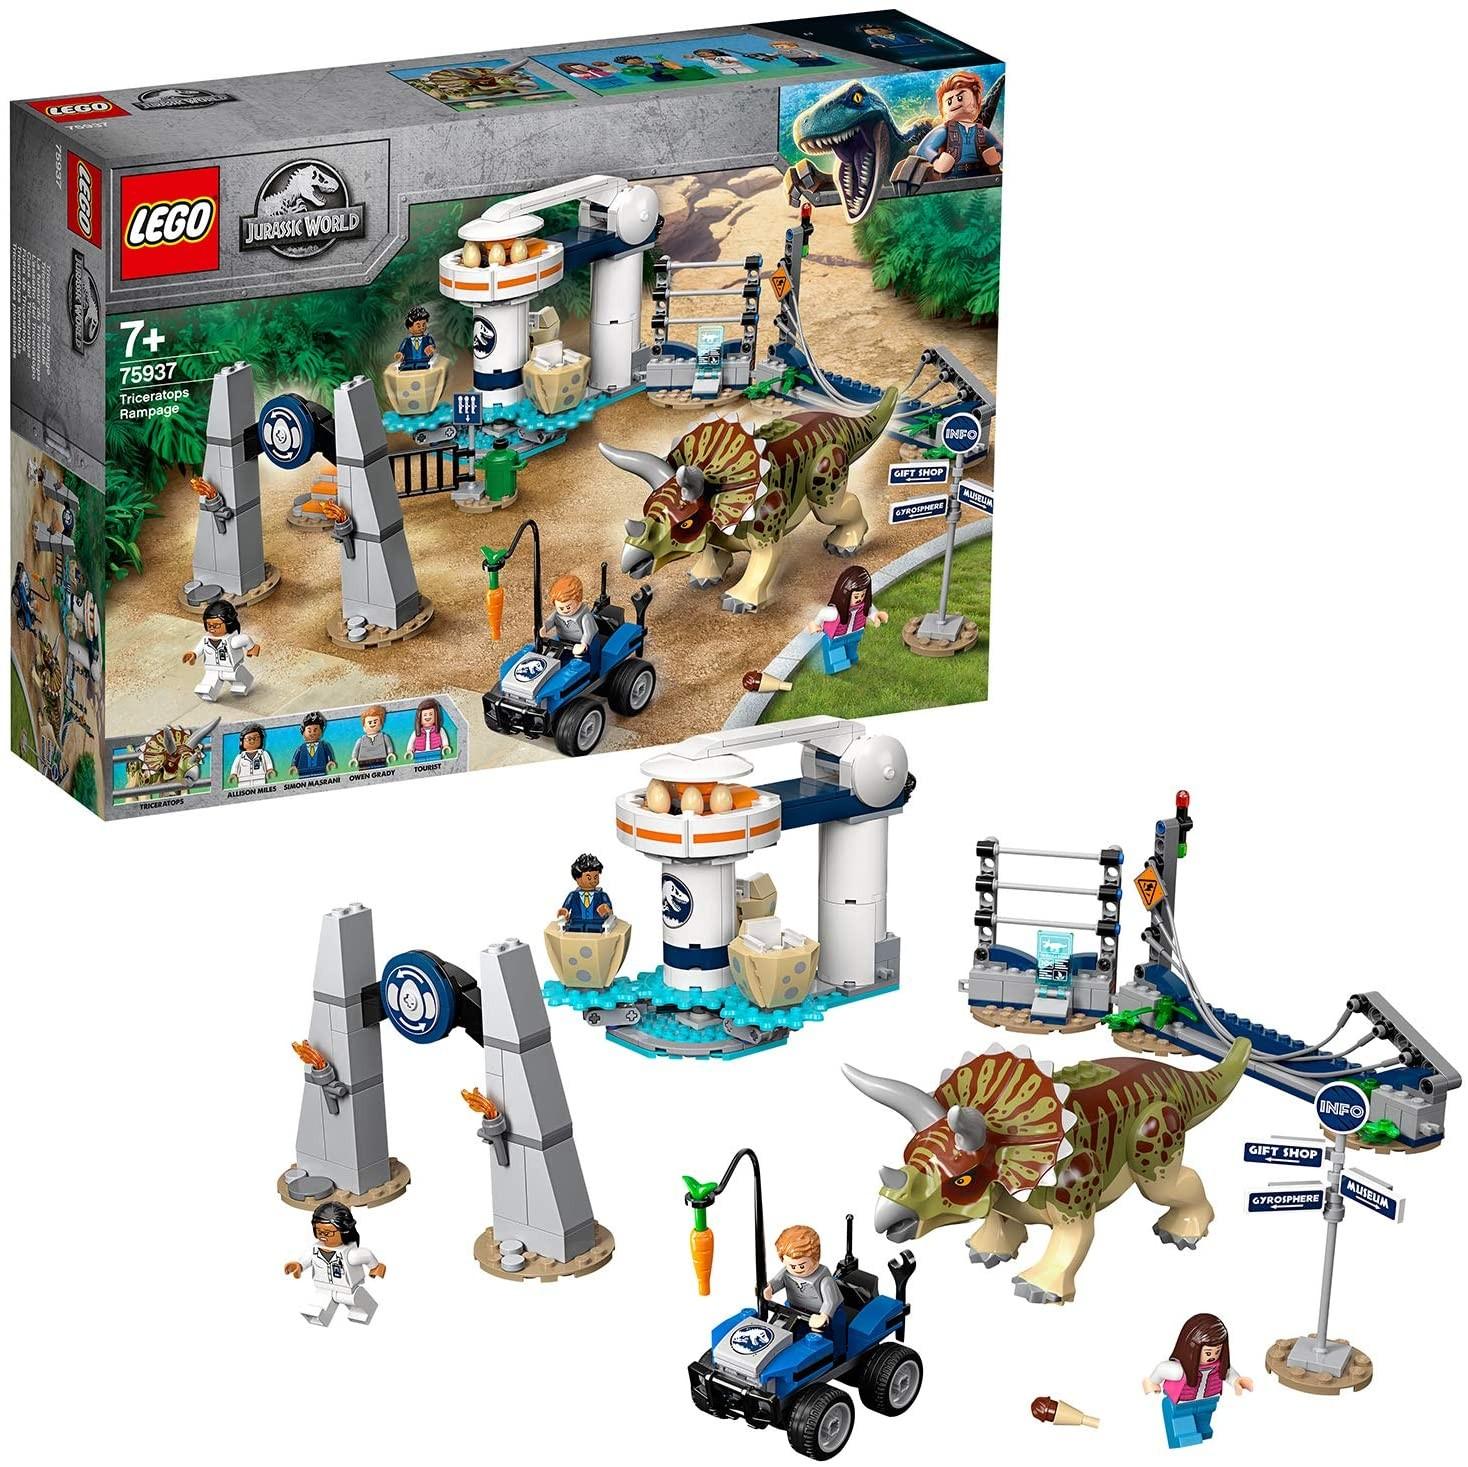 LEGO_Jurassic World_Triceratops_dezlantuit_Lego_75937_2